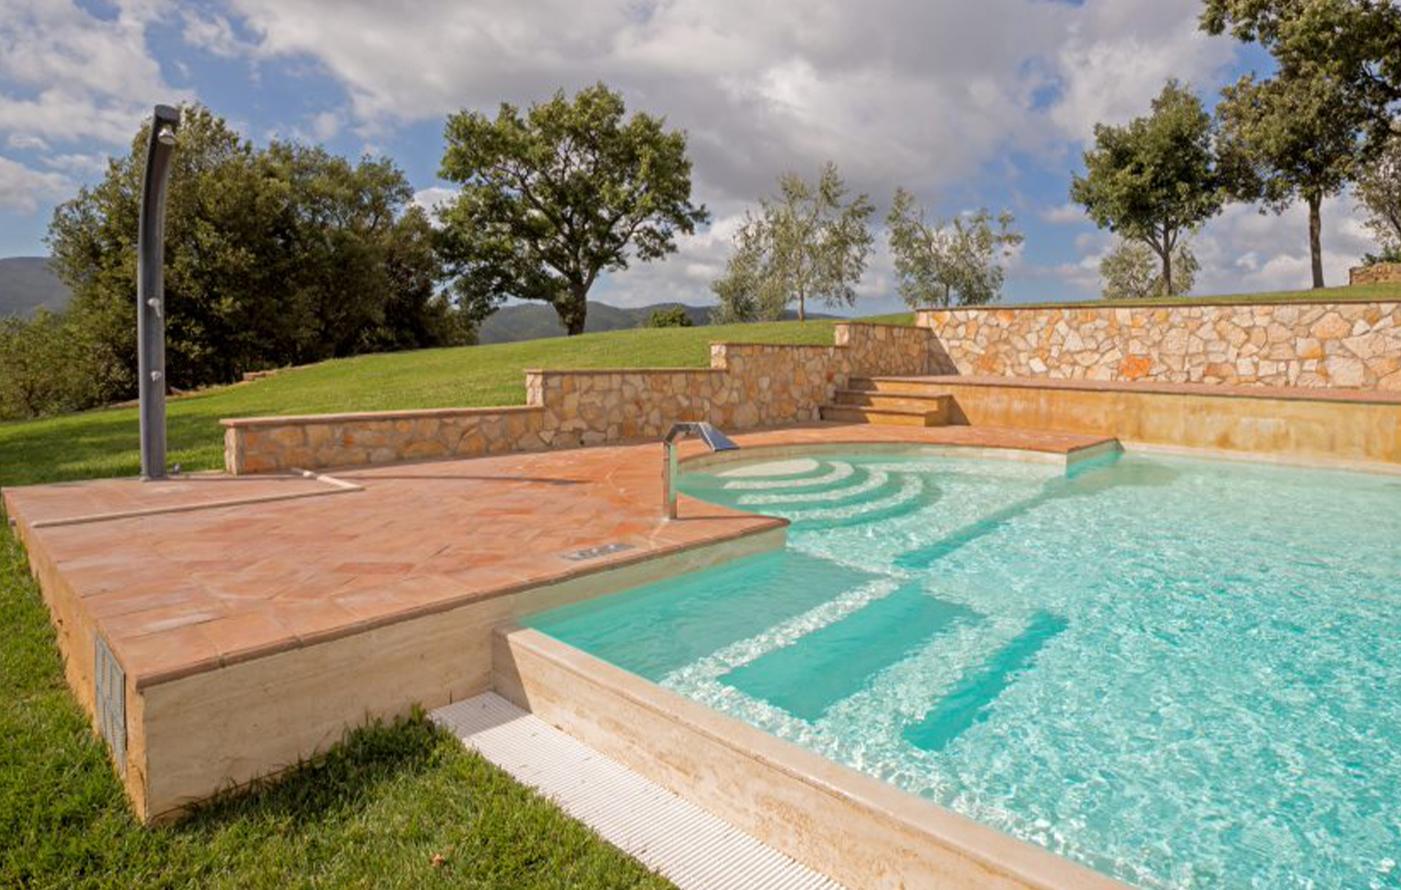 agriverde-geyser-piscina-02.